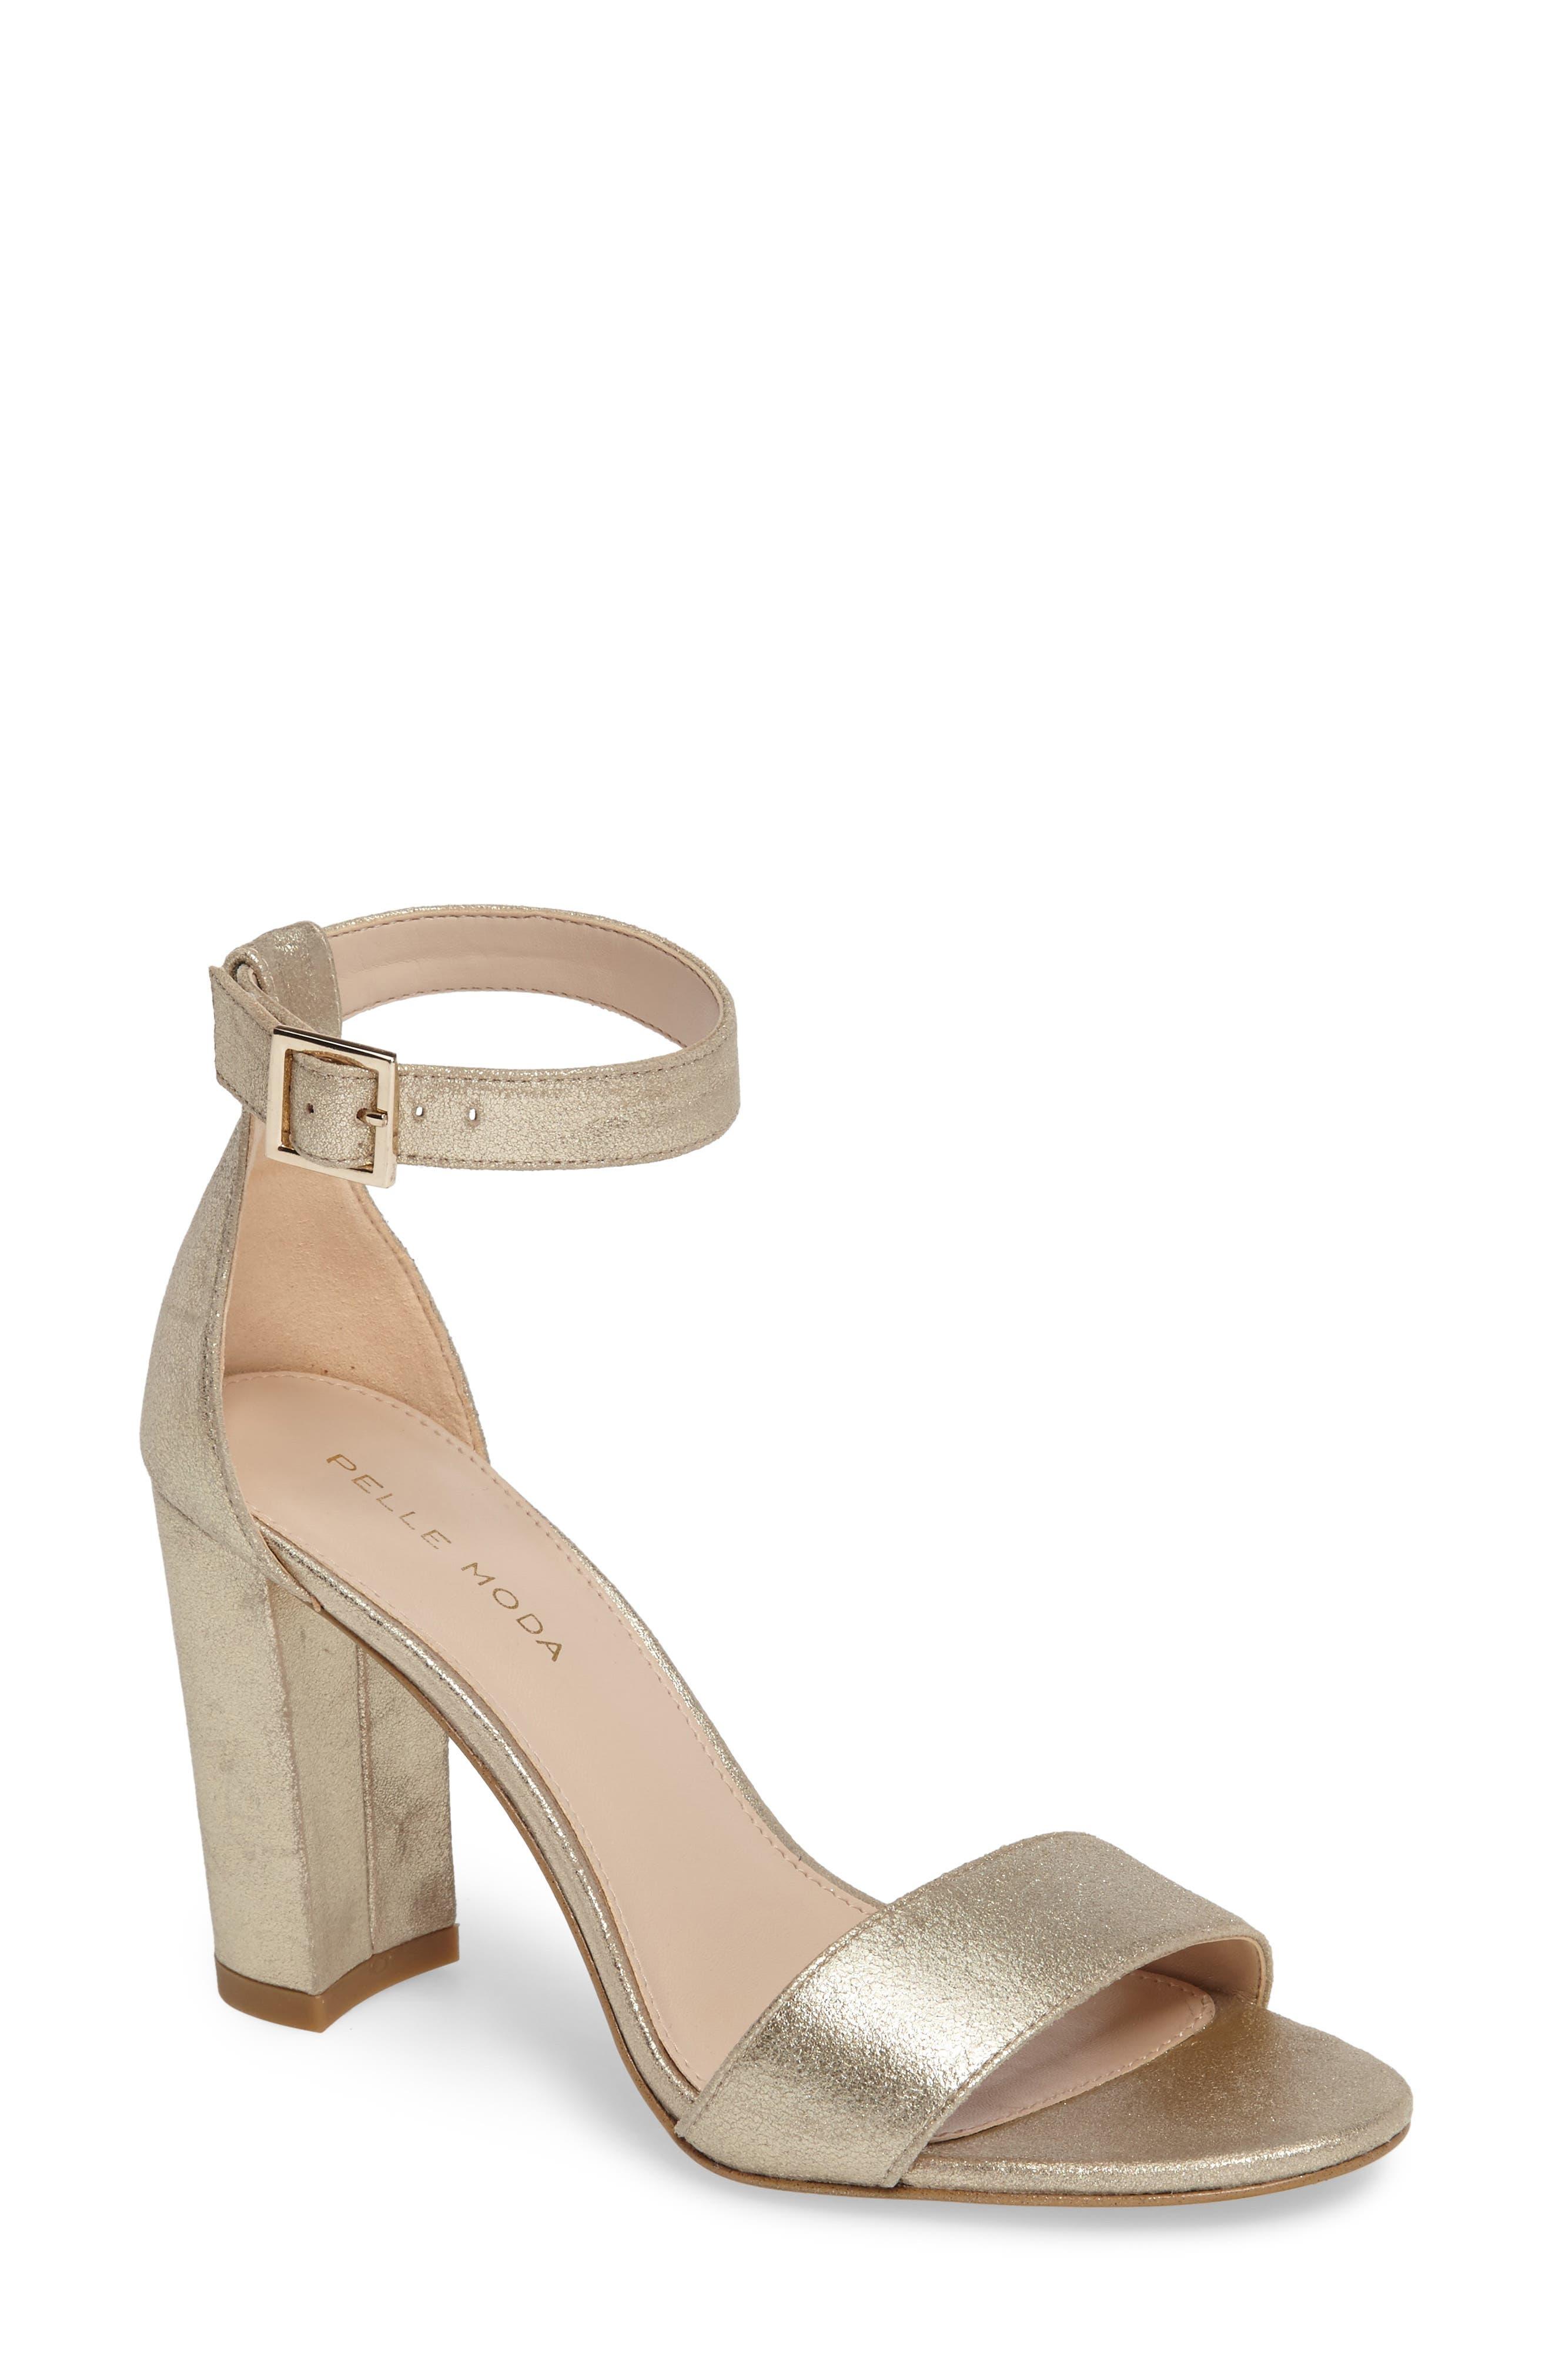 Alternate Image 1 Selected - Pelle Moda 'Bonnie' Ankle Strap Sandal (Women)